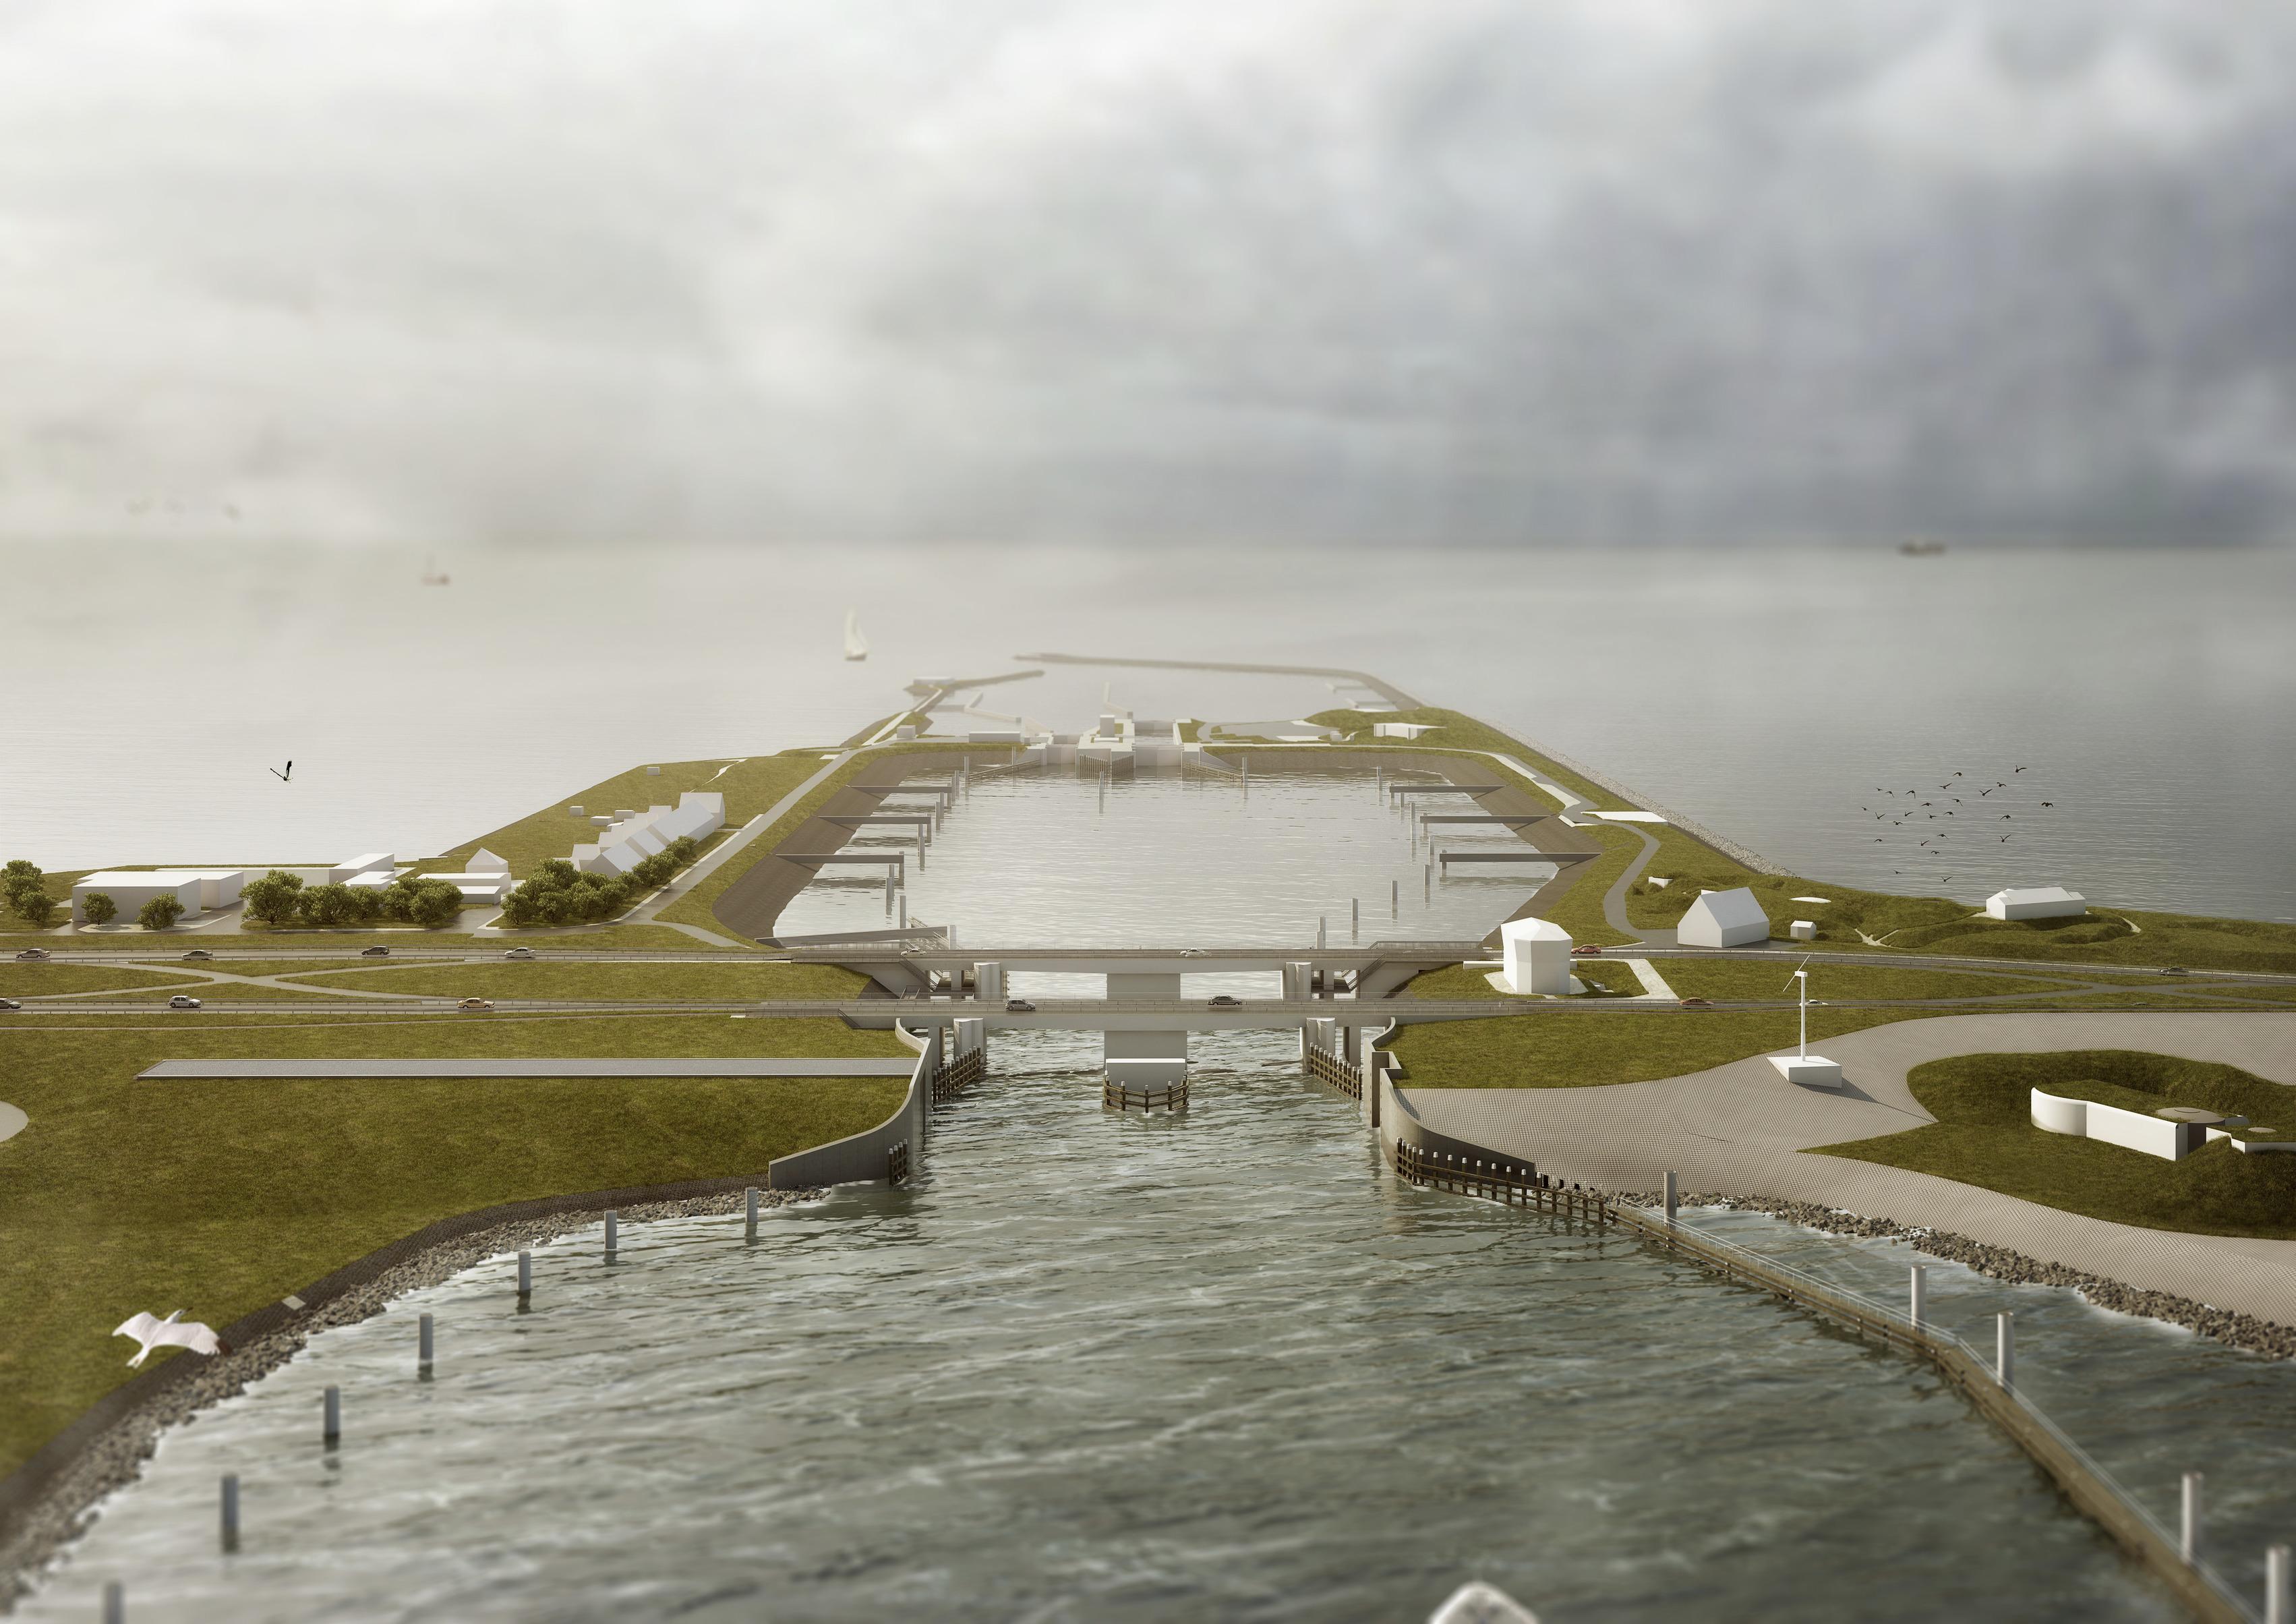 853 Versterken Afsluitdijk N10 a4